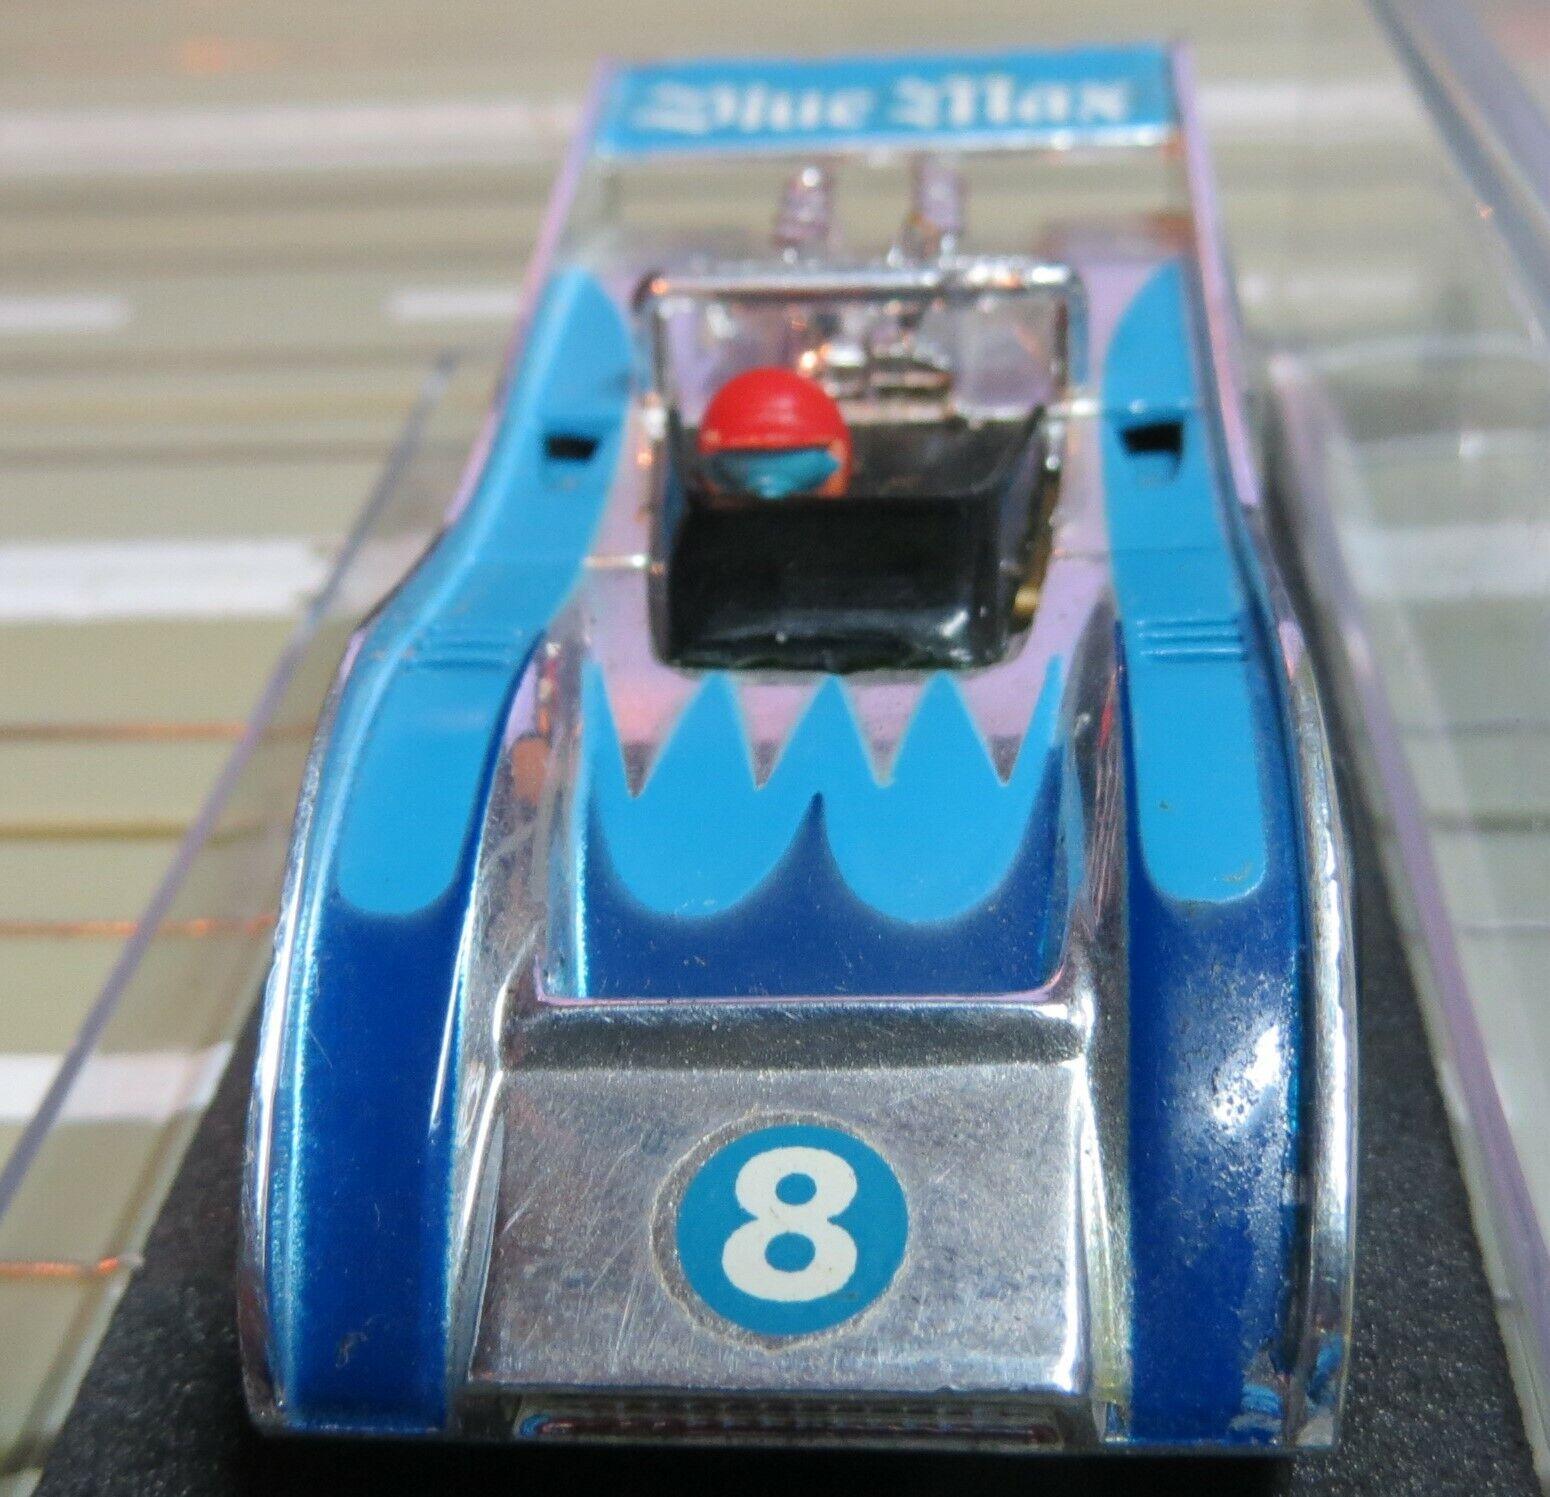 Para H0 H0 H0 Coche Slot Racing Maqueta de Tren Mclaren con Tyco Chasis en Caja  promociones